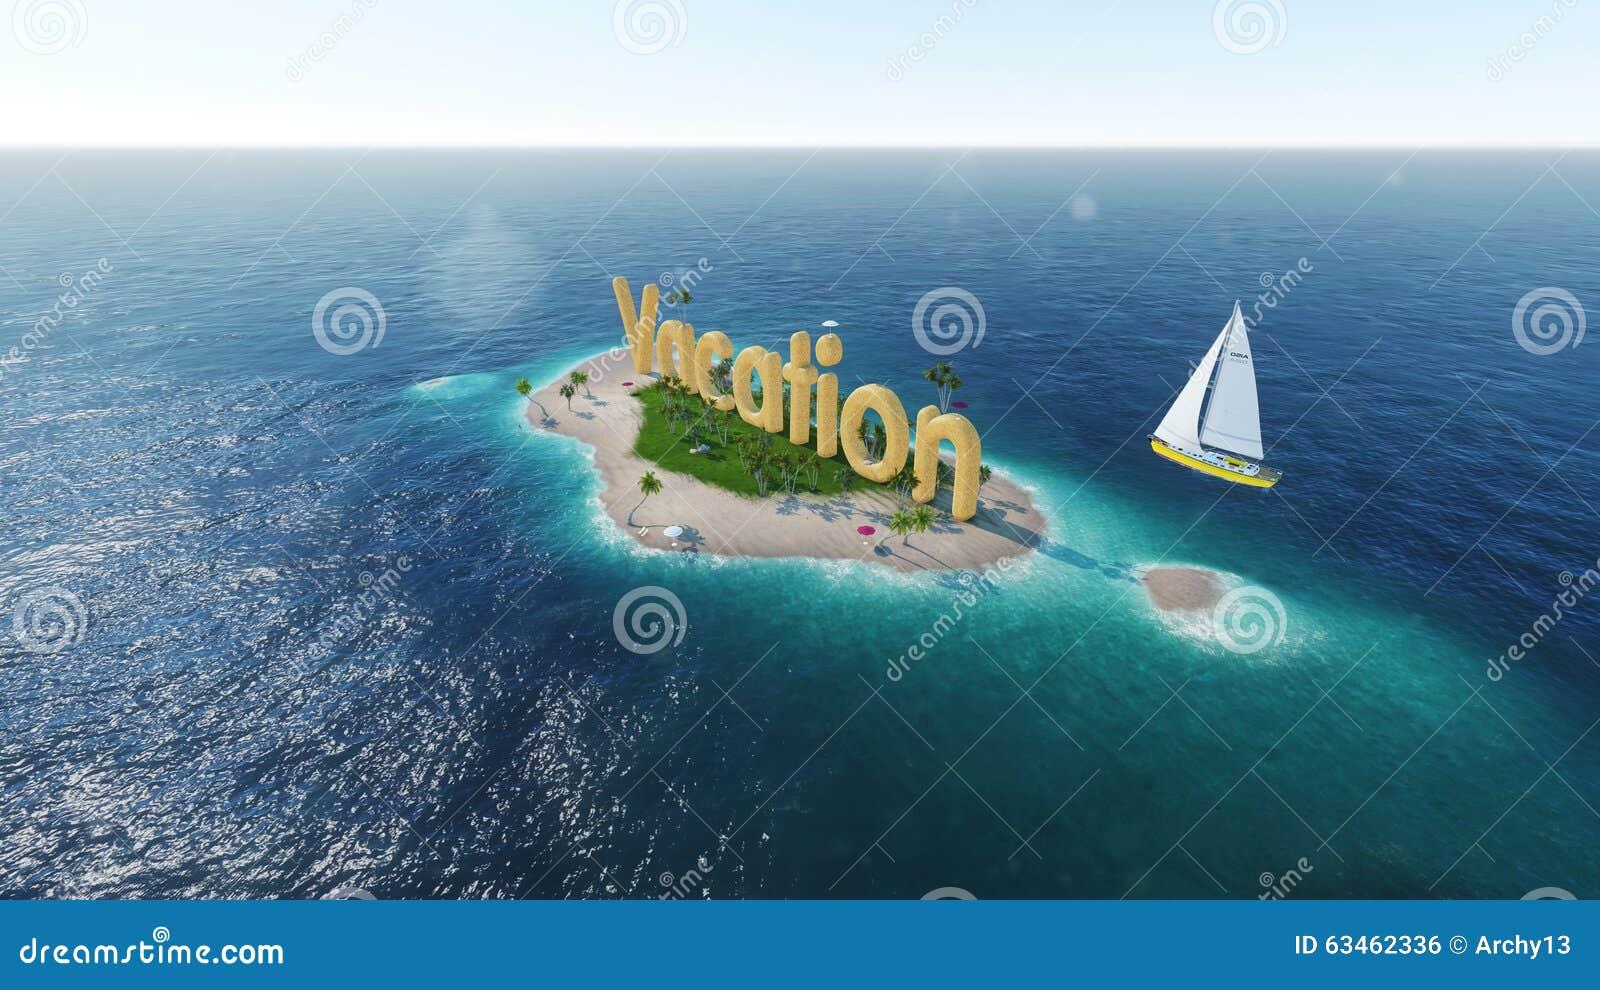 Tropical Island Sun: Sea, Tropical Island, Palm , Sun 3D Illustration Royalty